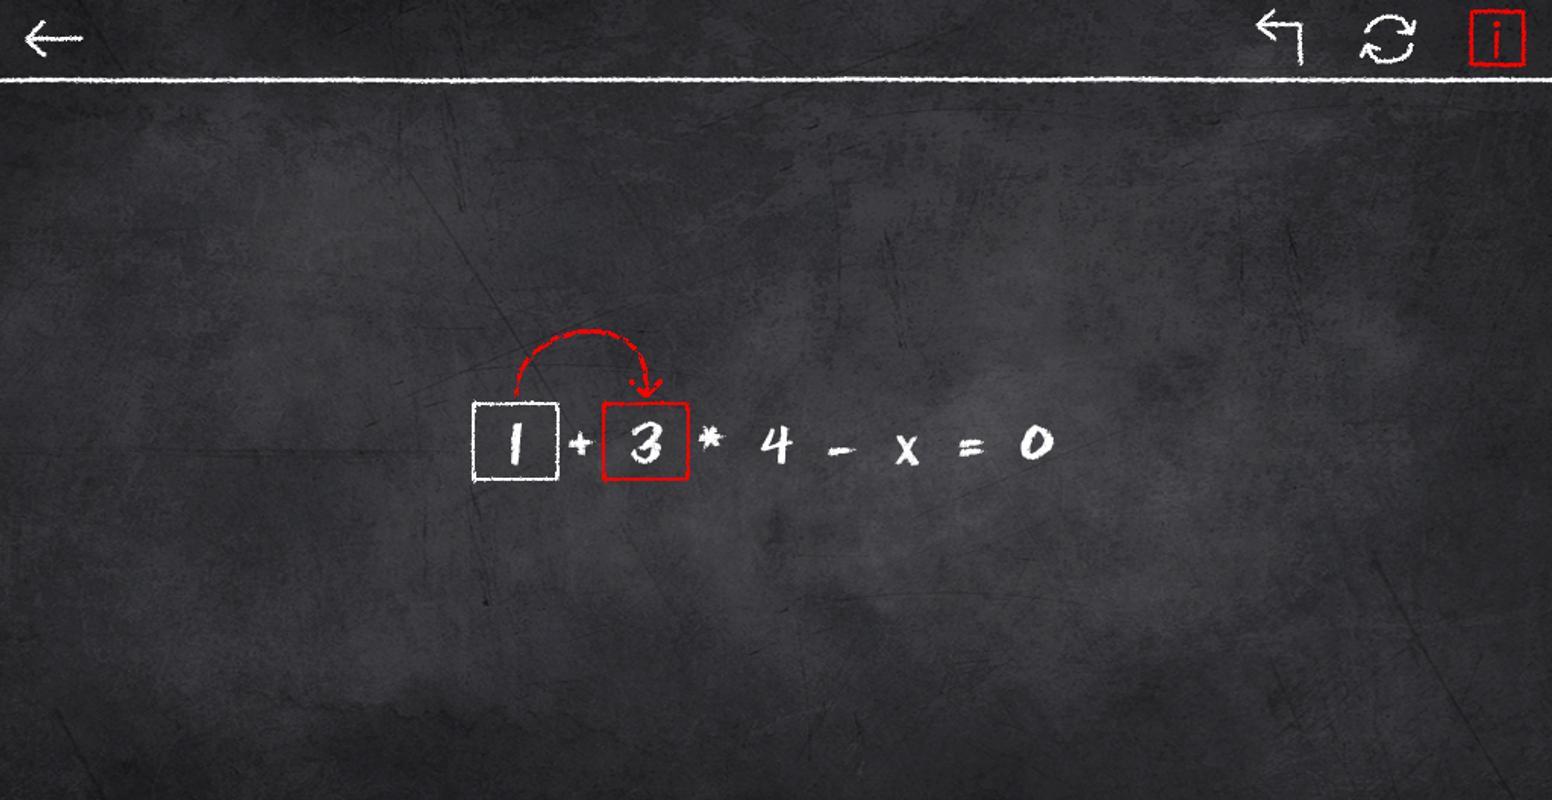 x1 spielerisch mathe lernen ��apk����x1 spielerisch